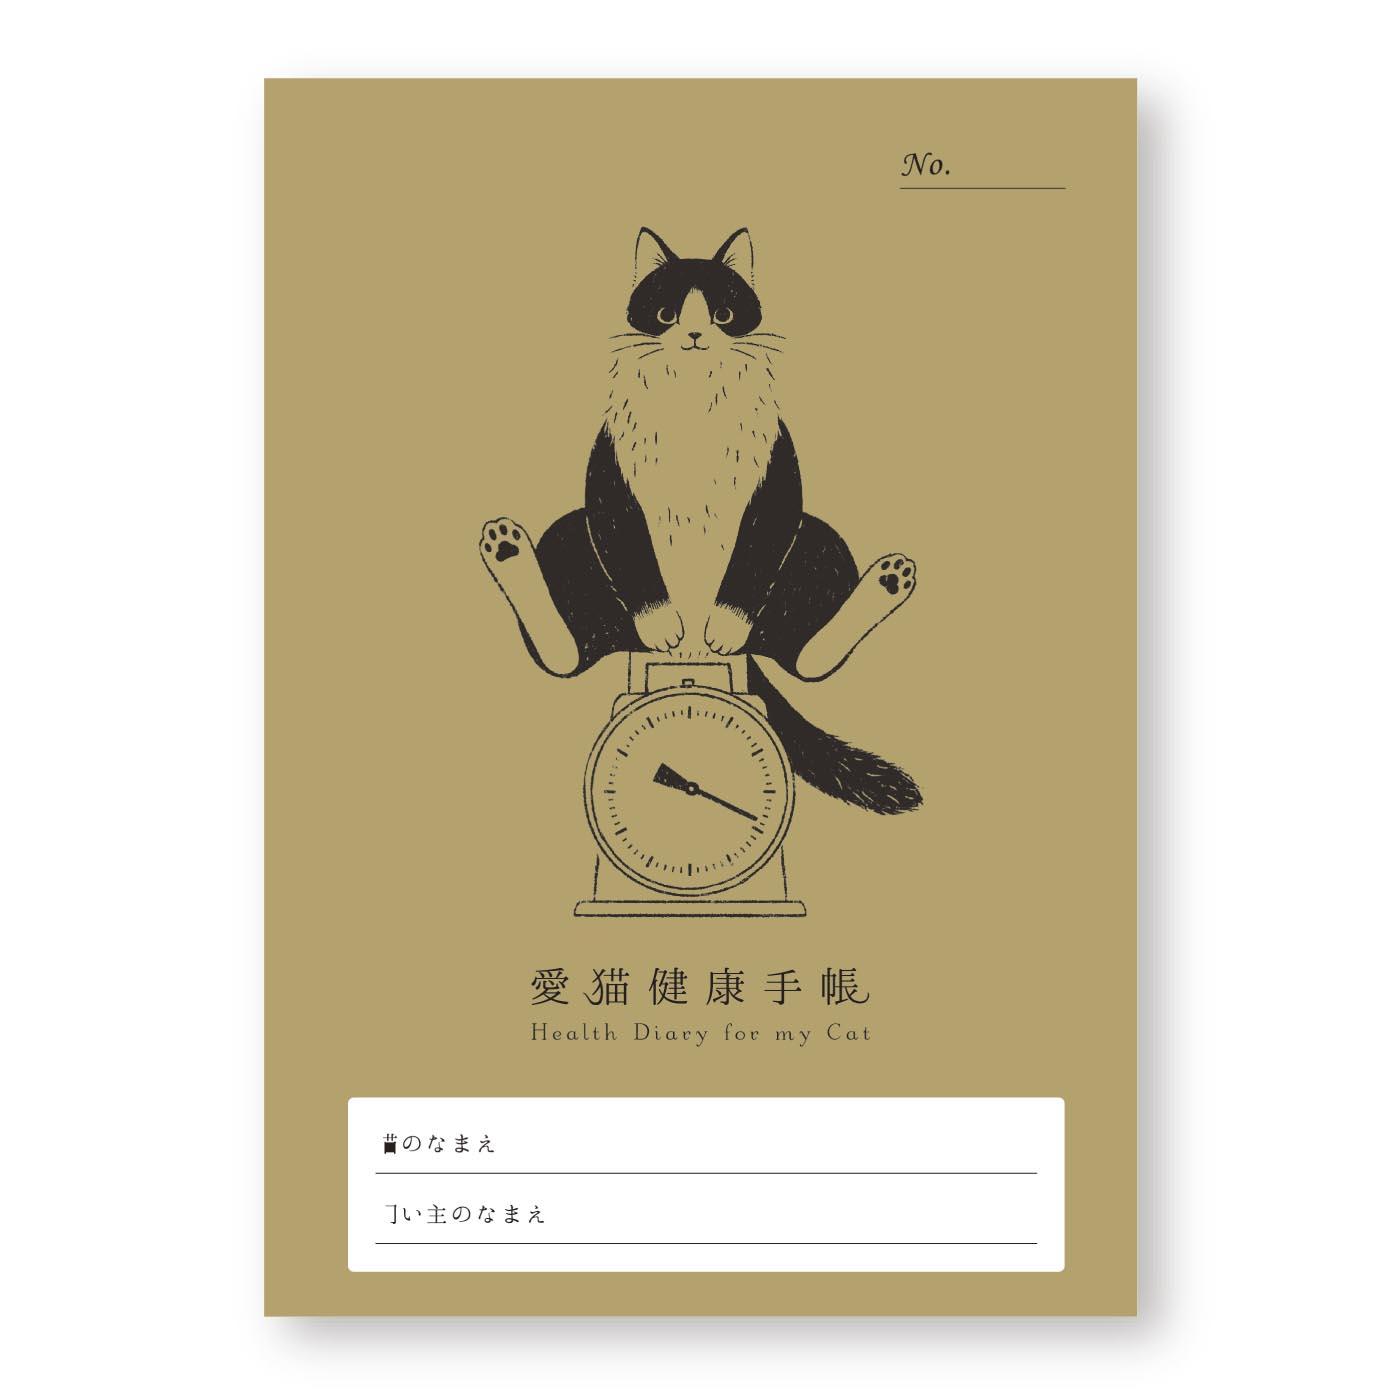 猫との暮らしを楽しむ 愛猫健康手帳